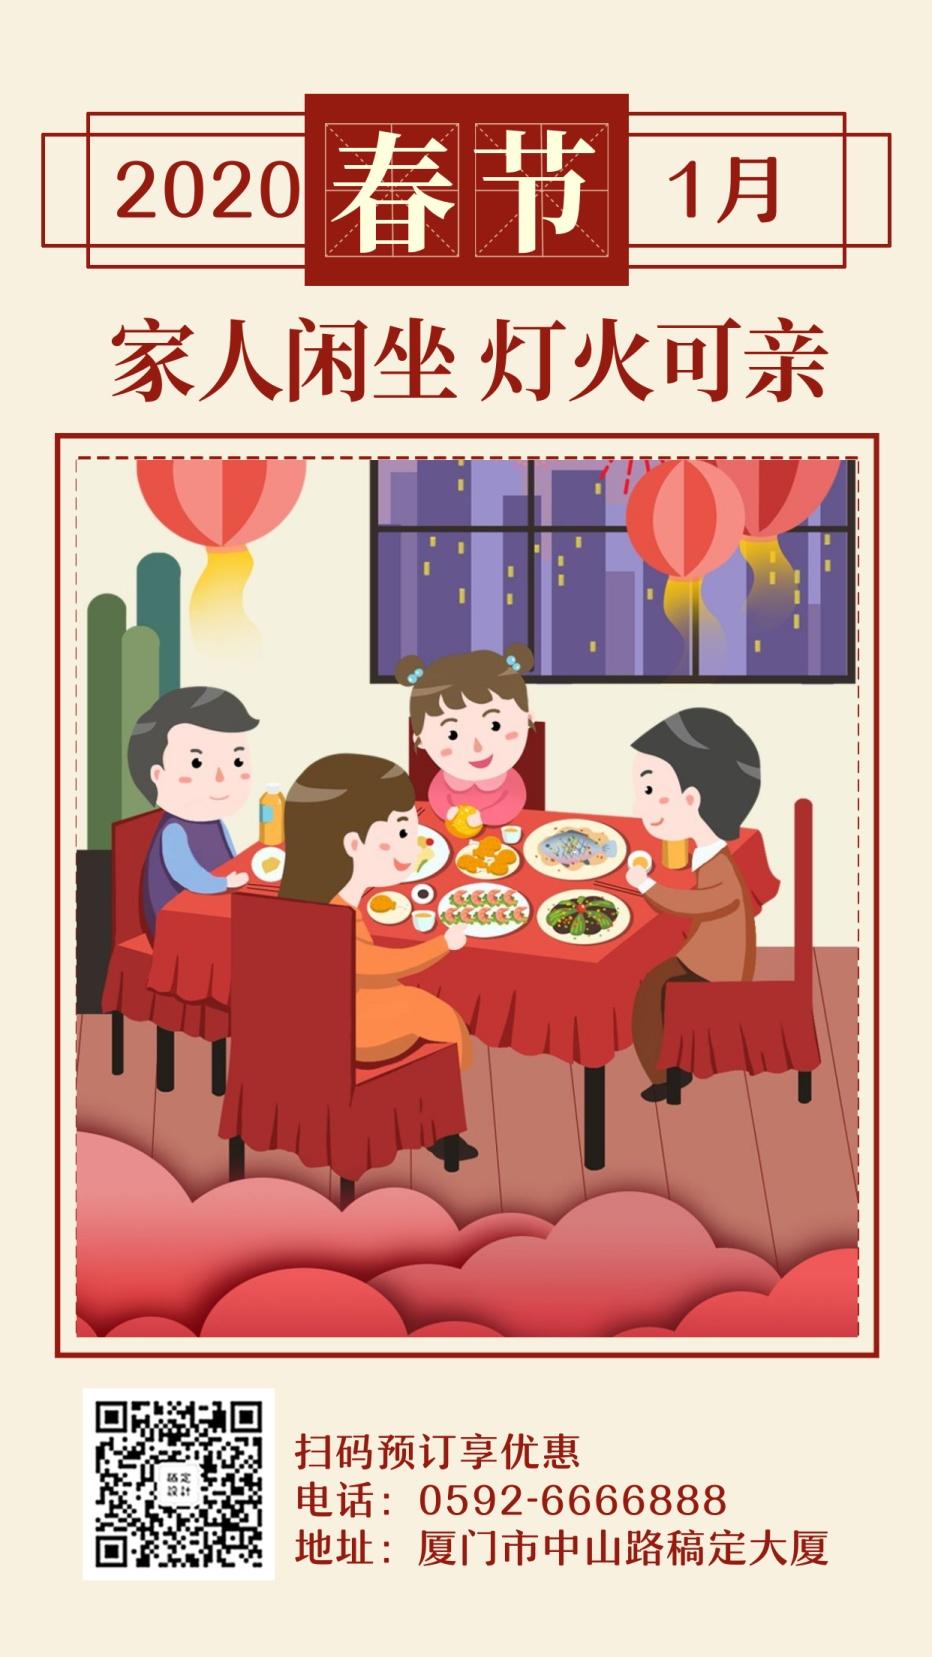 春节新年祝福/餐饮美食/手绘温馨/手机海报